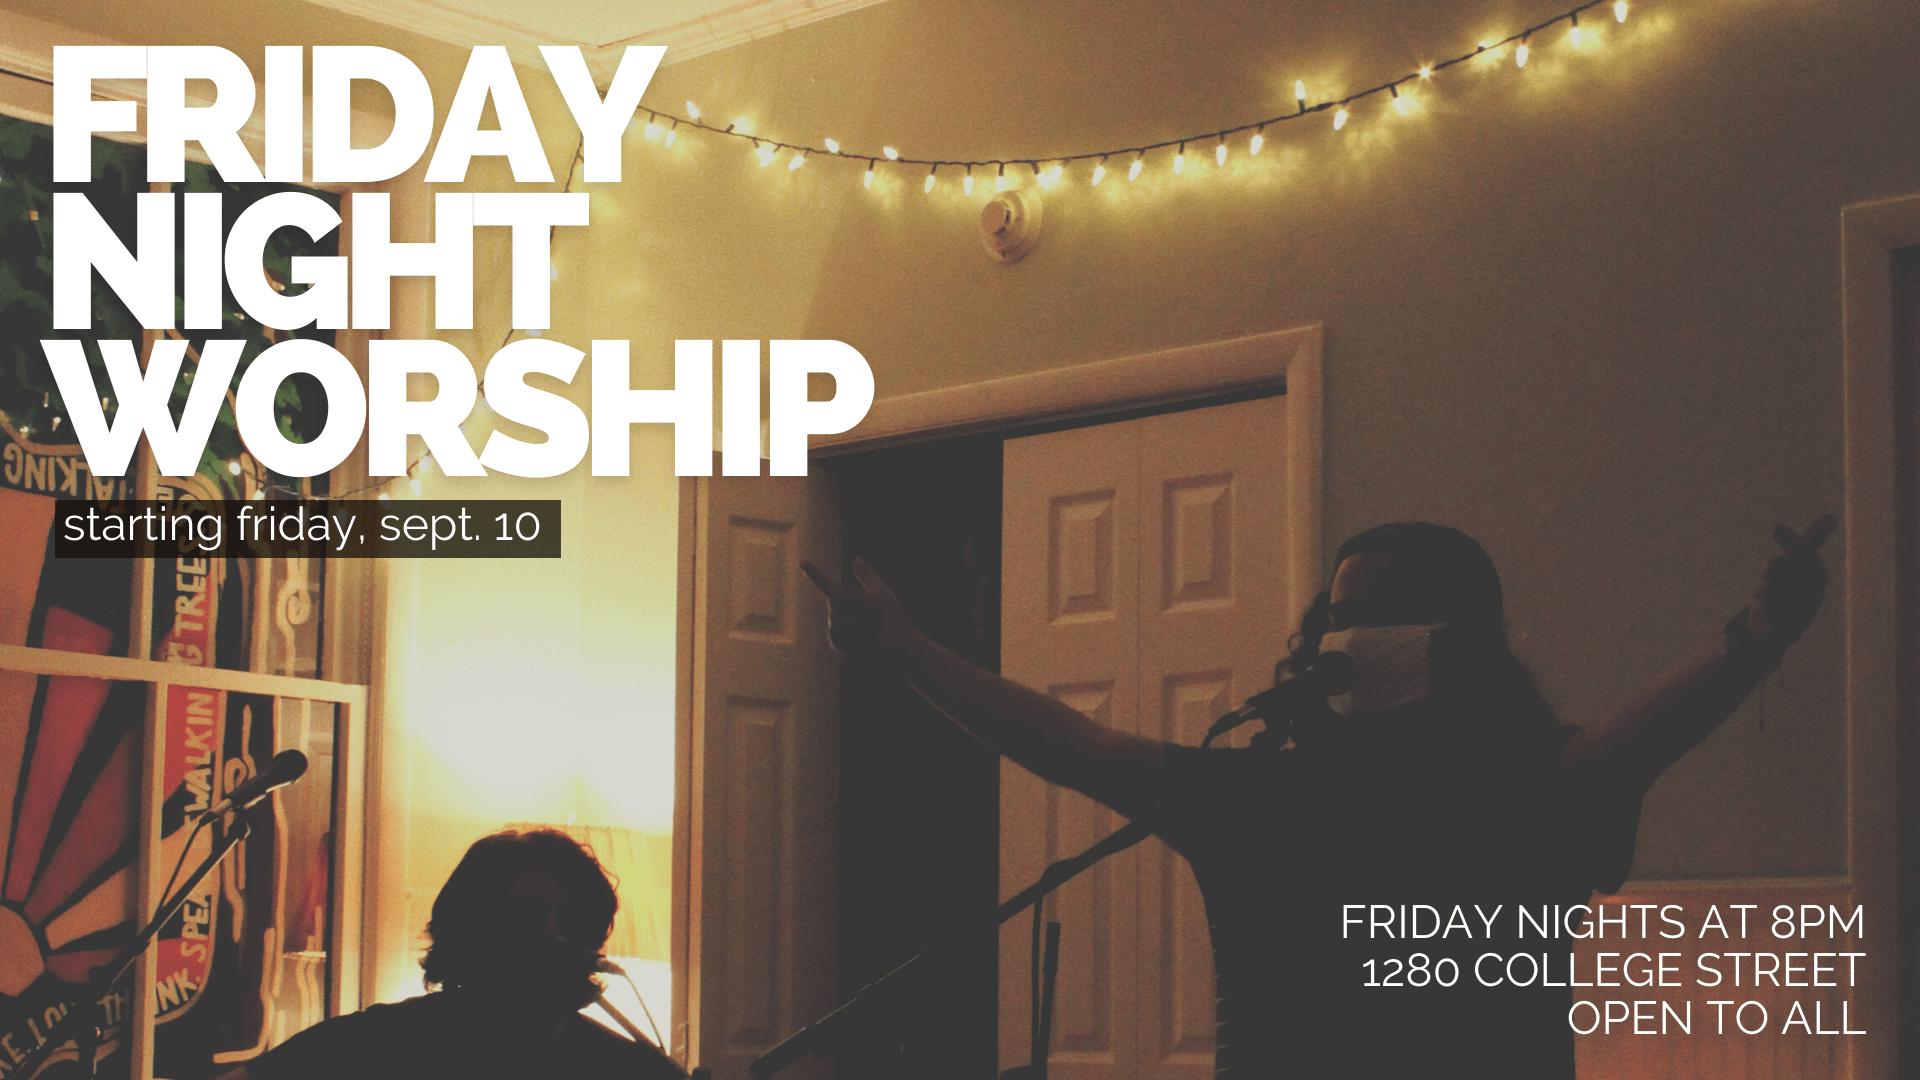 Friday Night Worship